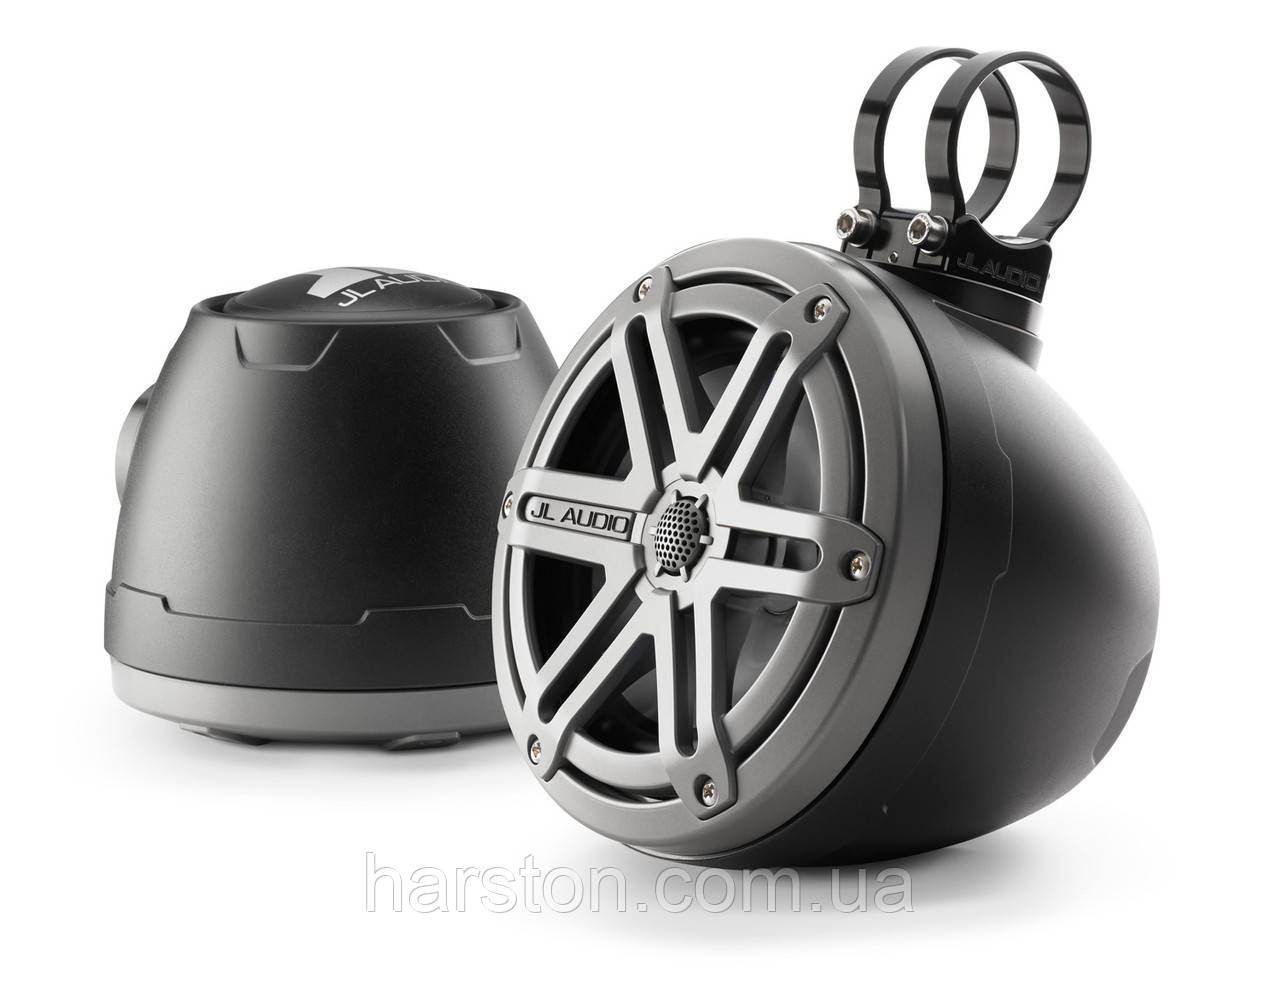 Подвесные динамики для катера JL Audio PS650-VeX